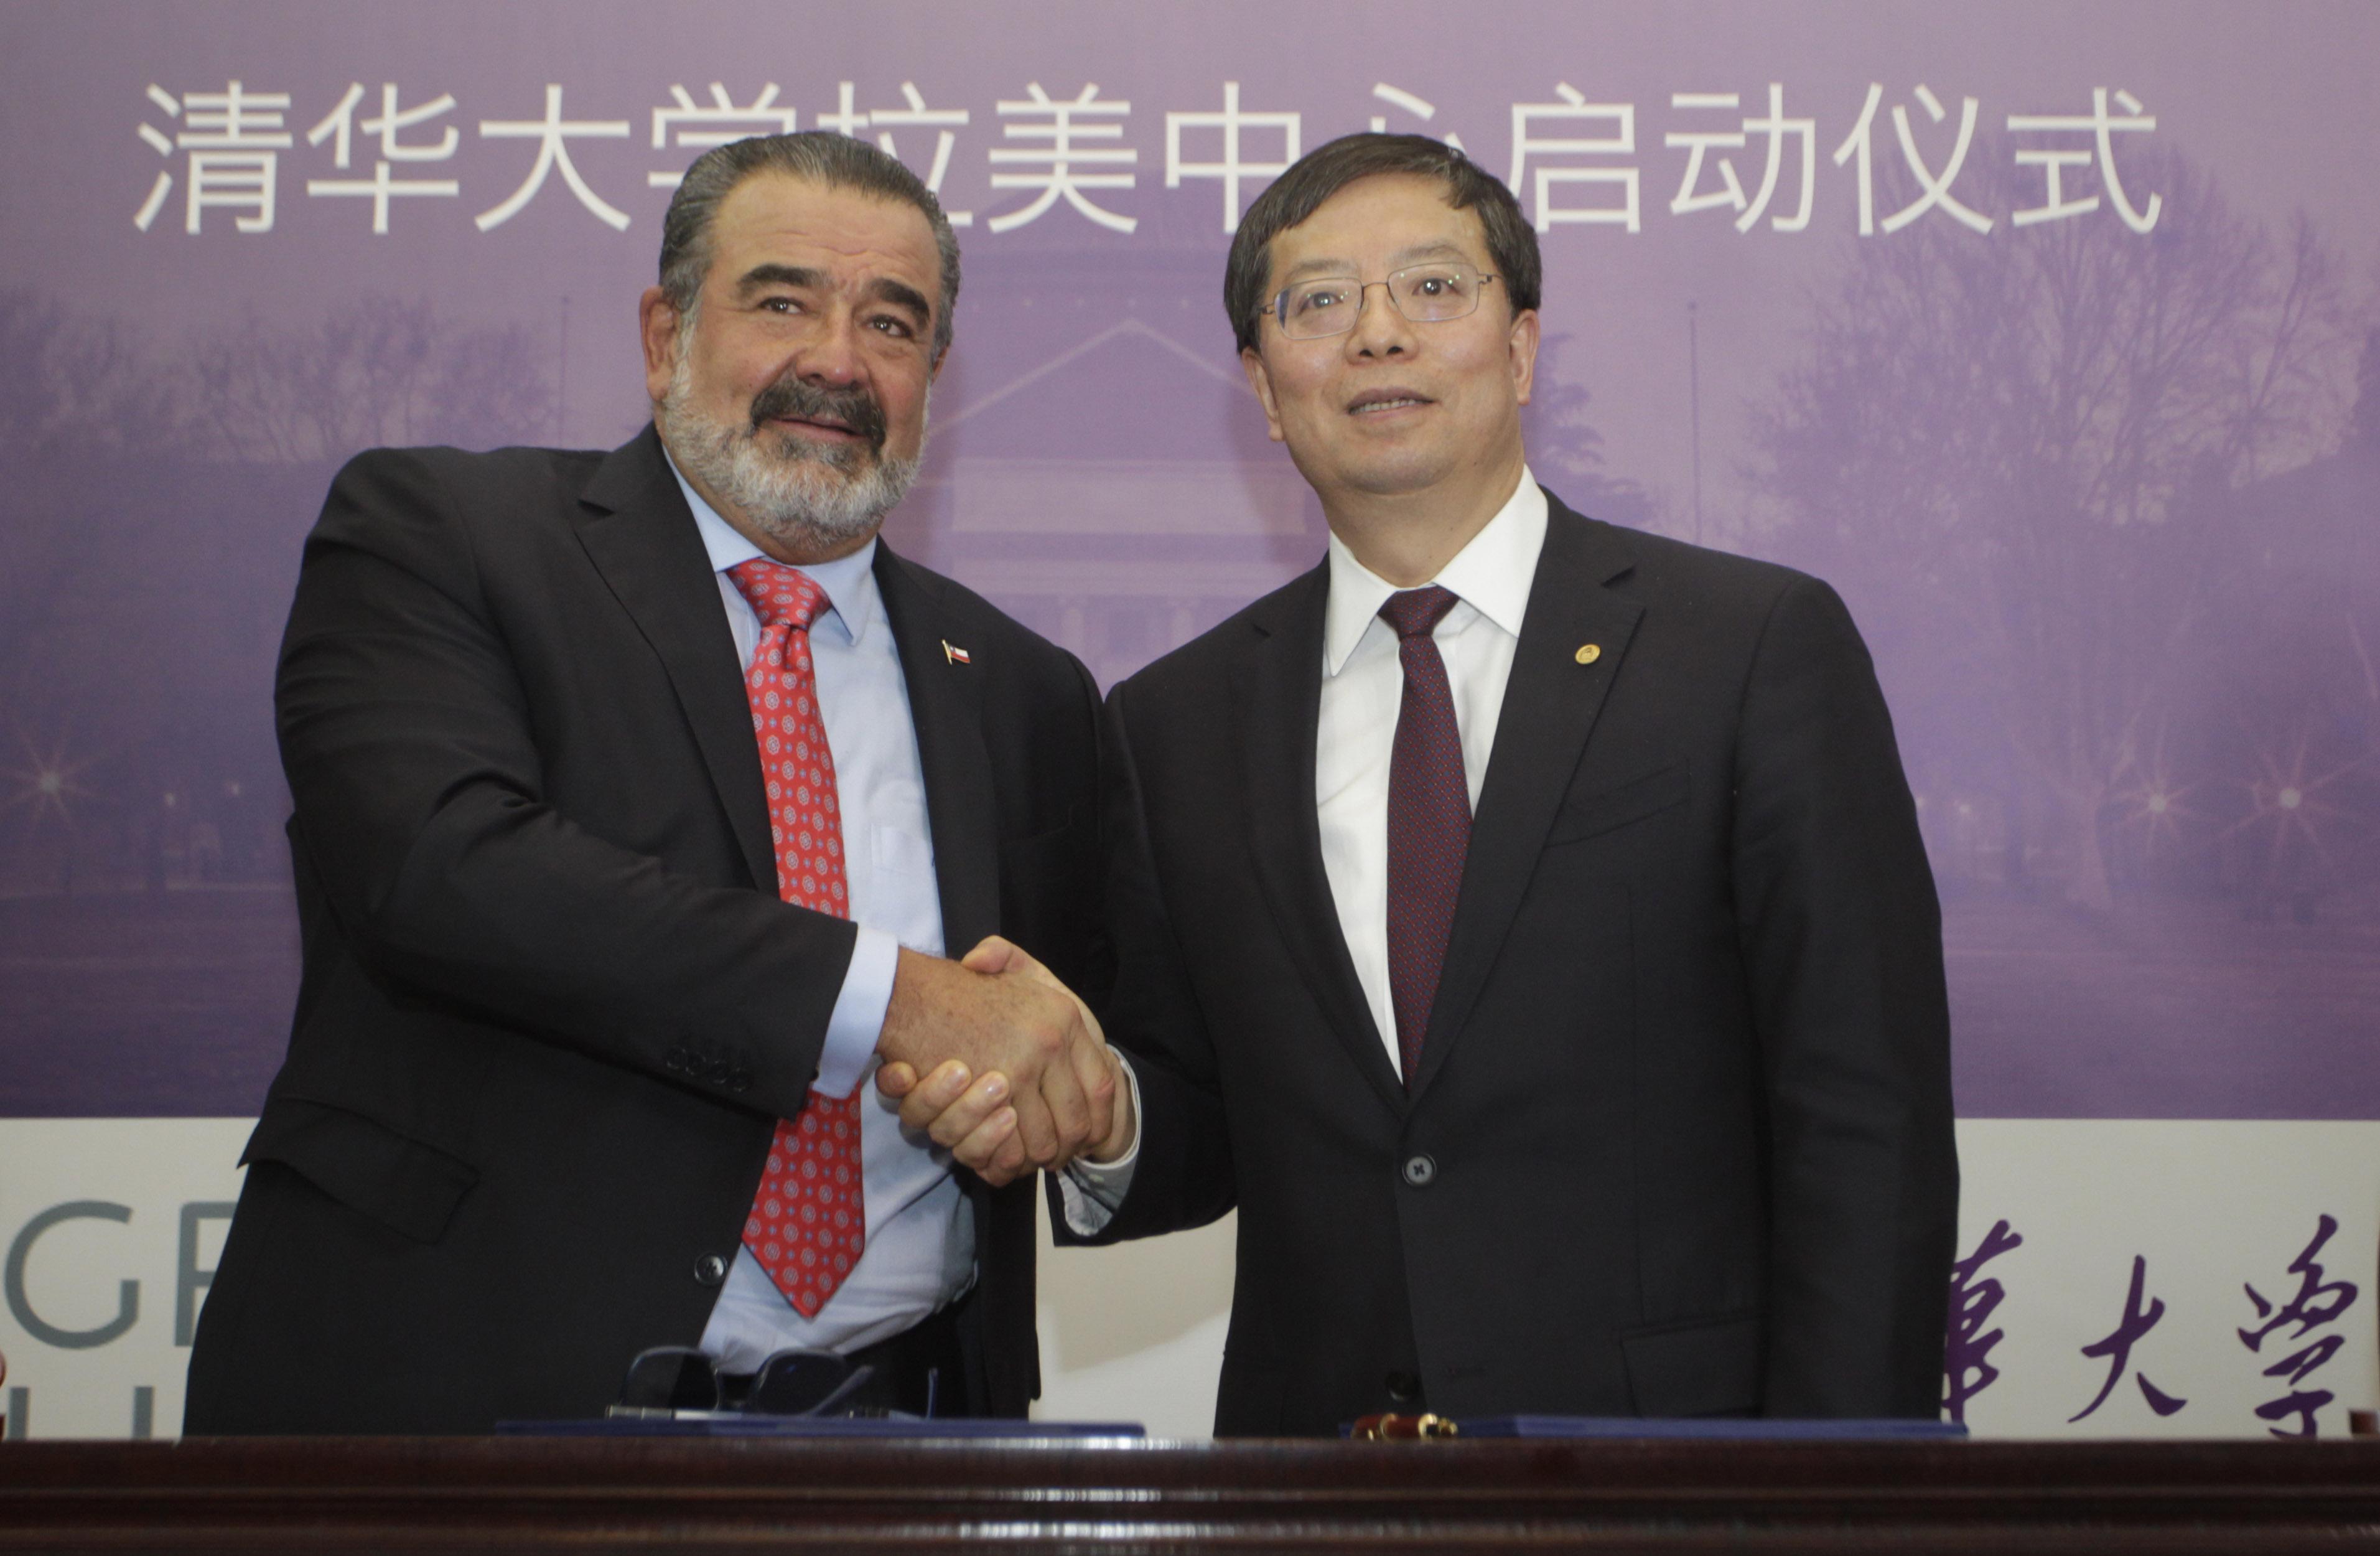 Grupo Luksic firma convenio con la Universidad China de Tsinghua. Rodrigo Sáenz   Agencia UNO